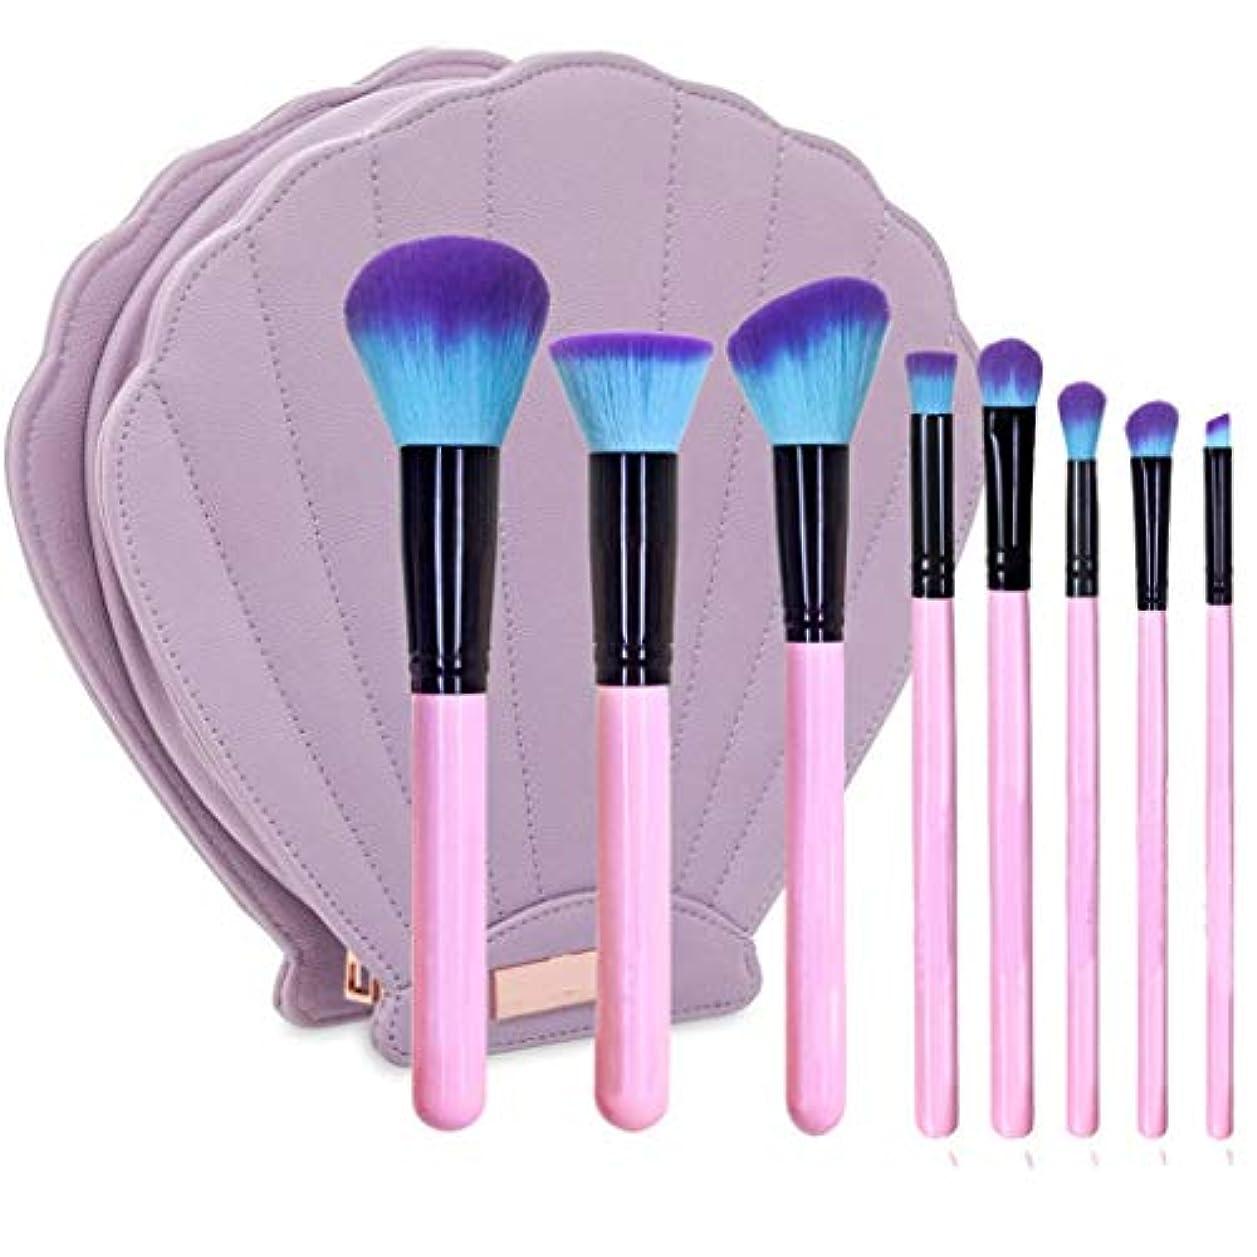 風変わりな羊皮10シェルバッグ化粧ブラシブルーパープルジッパーバッグセットフルセットの化粧道具,Pink